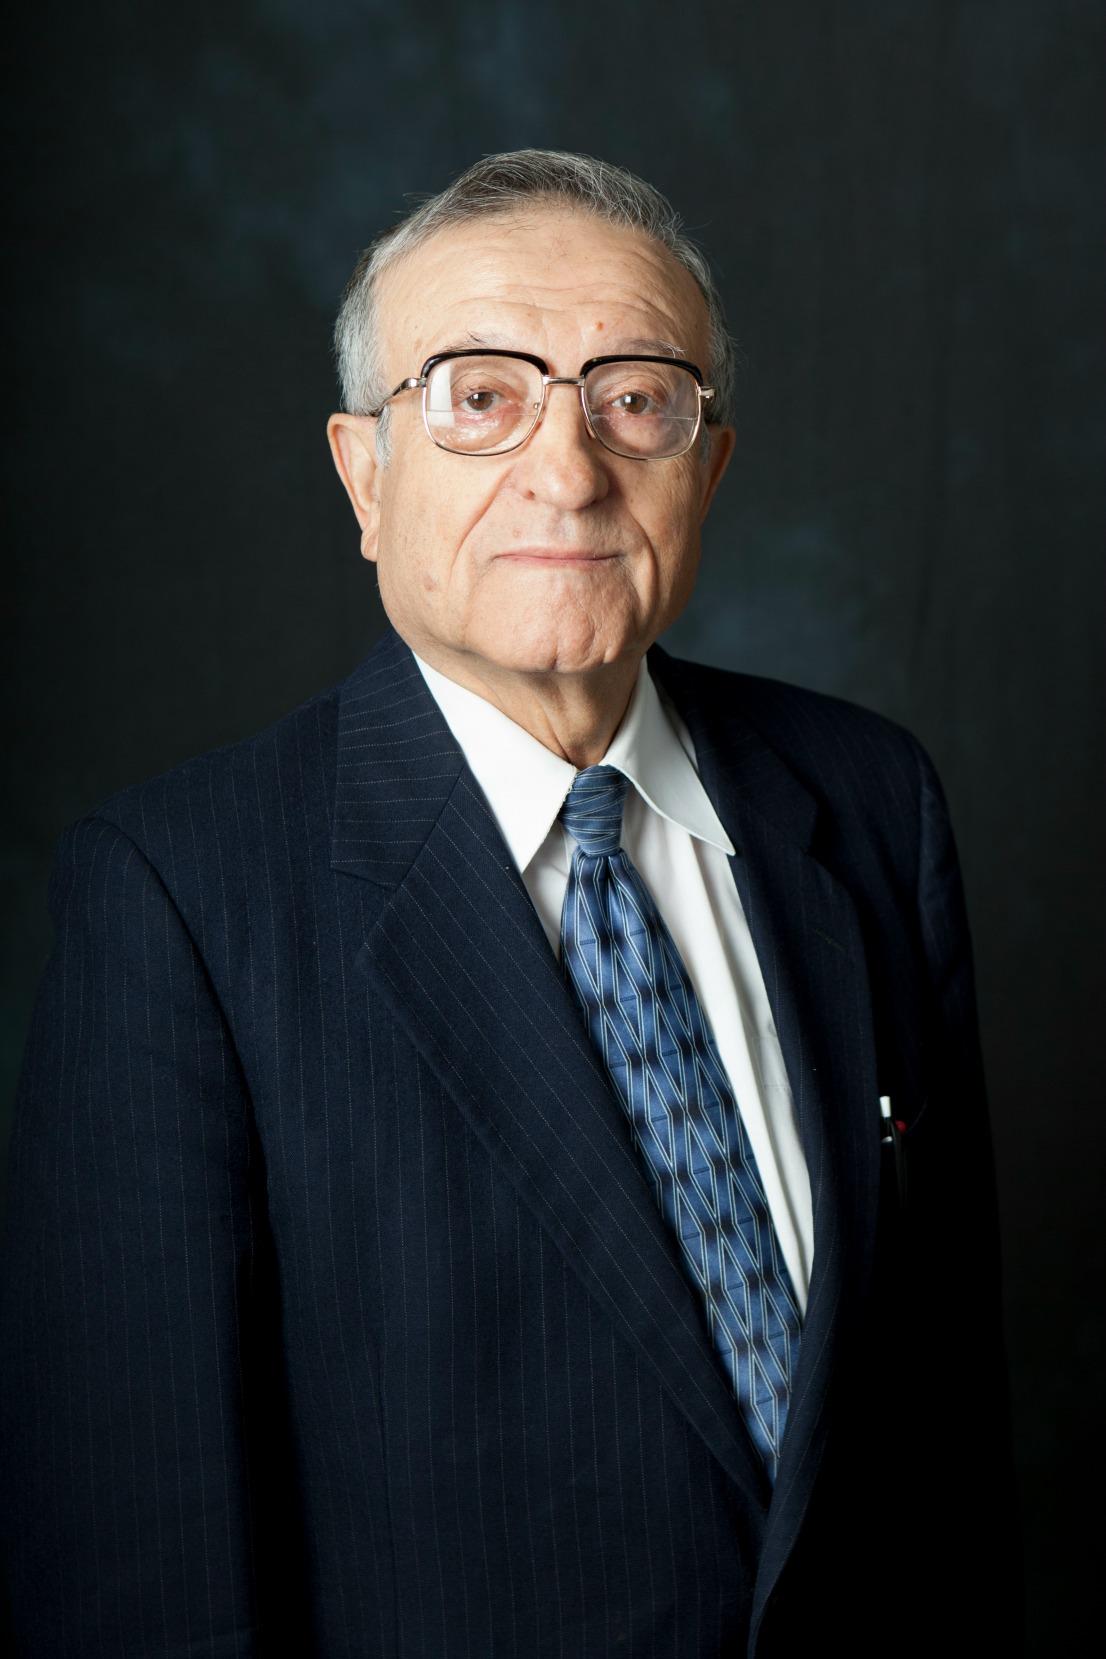 Samuel Schneider